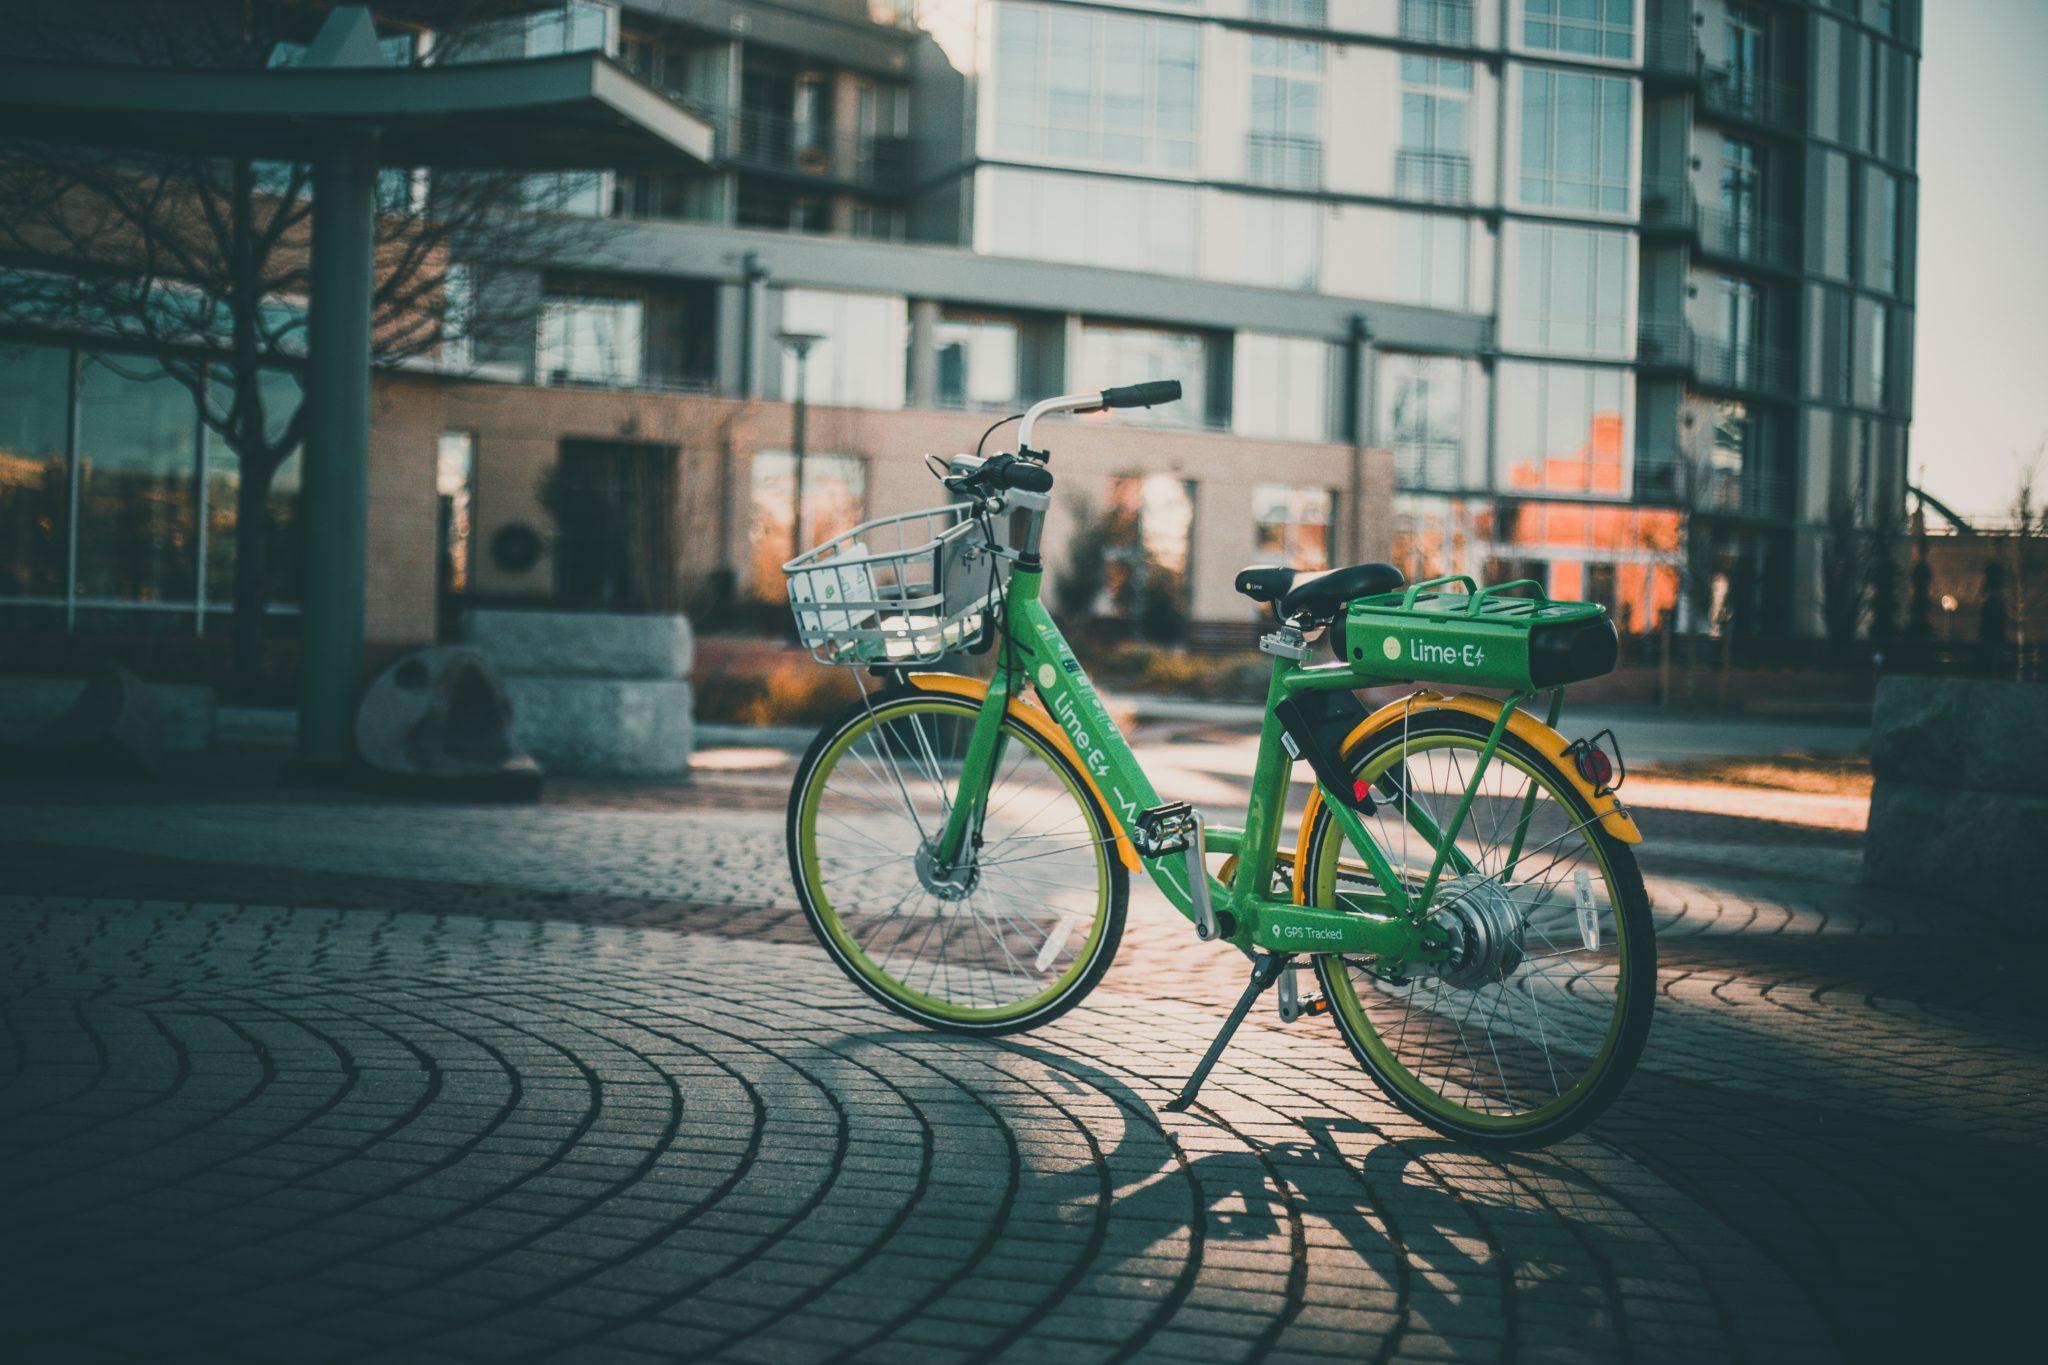 Ebikes intro electric bikes